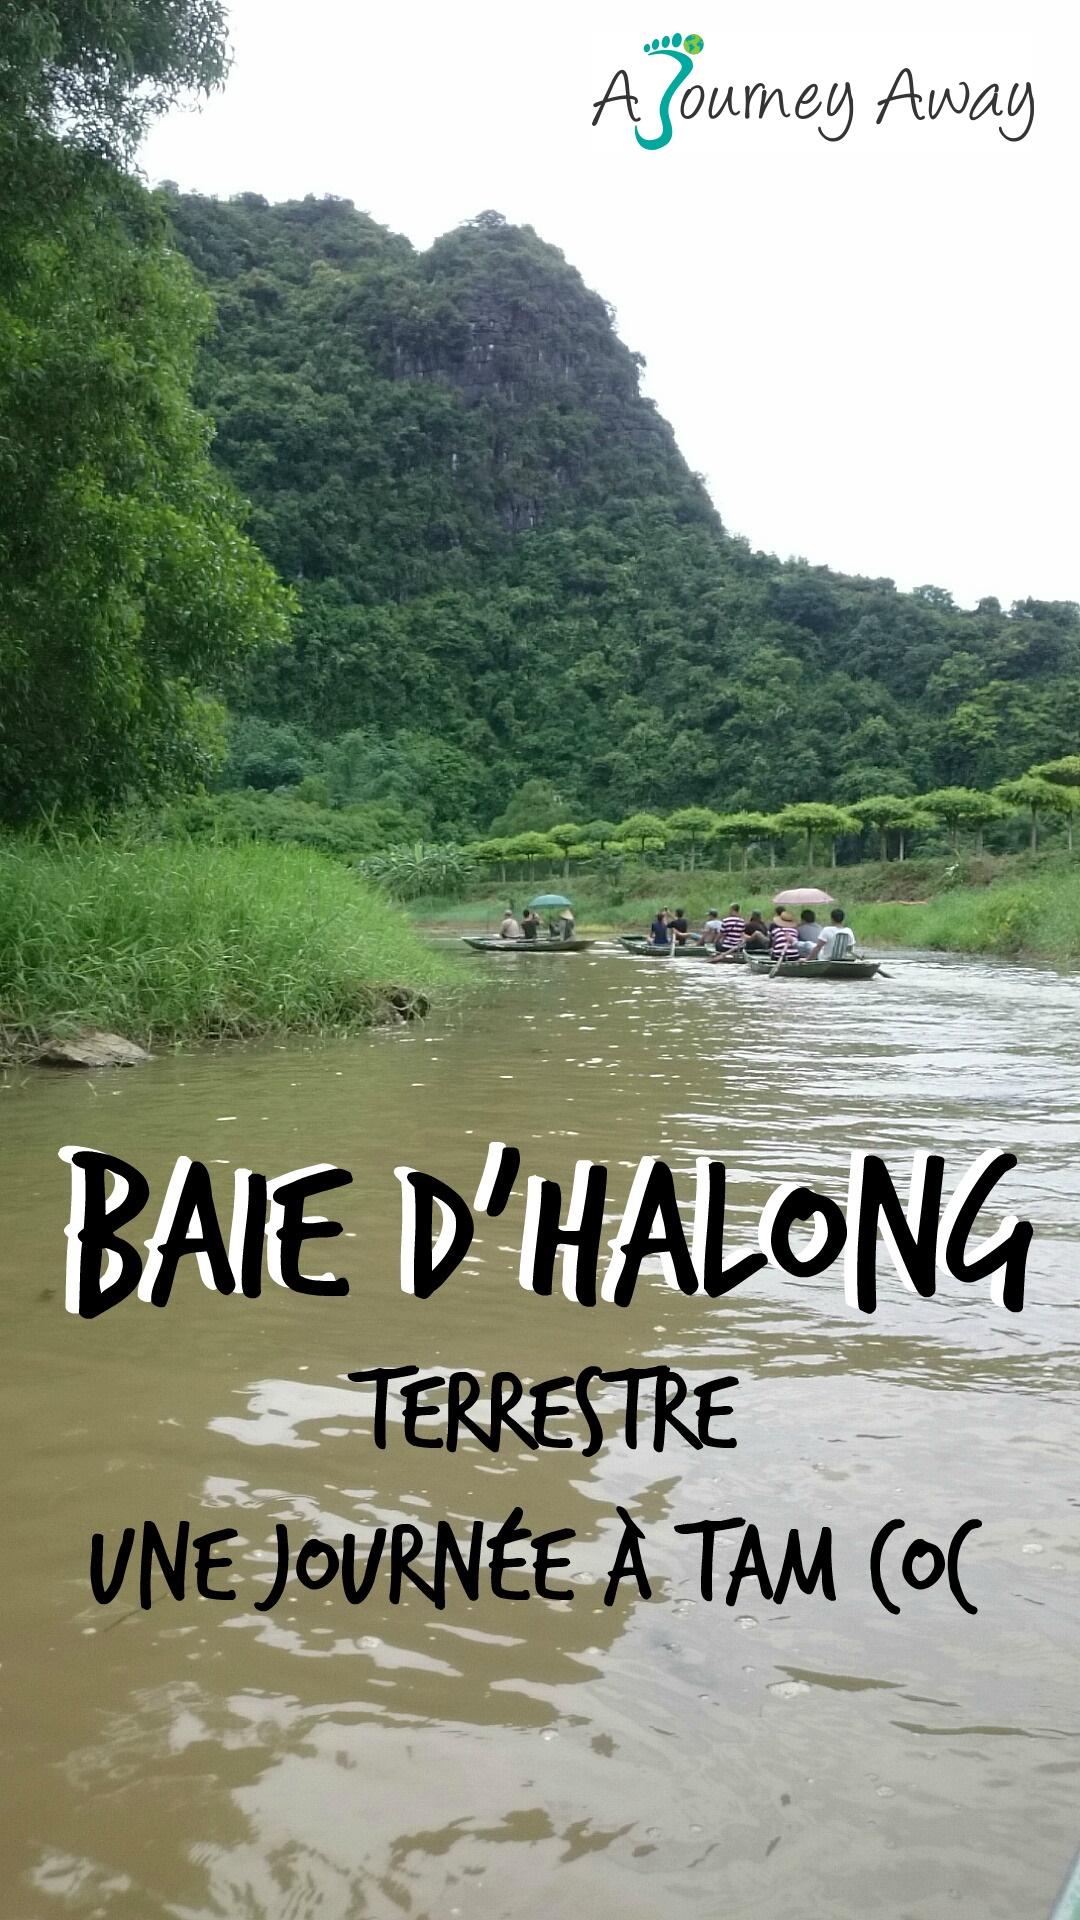 Baie d'Halong terrestre : une journée à Tam Coc